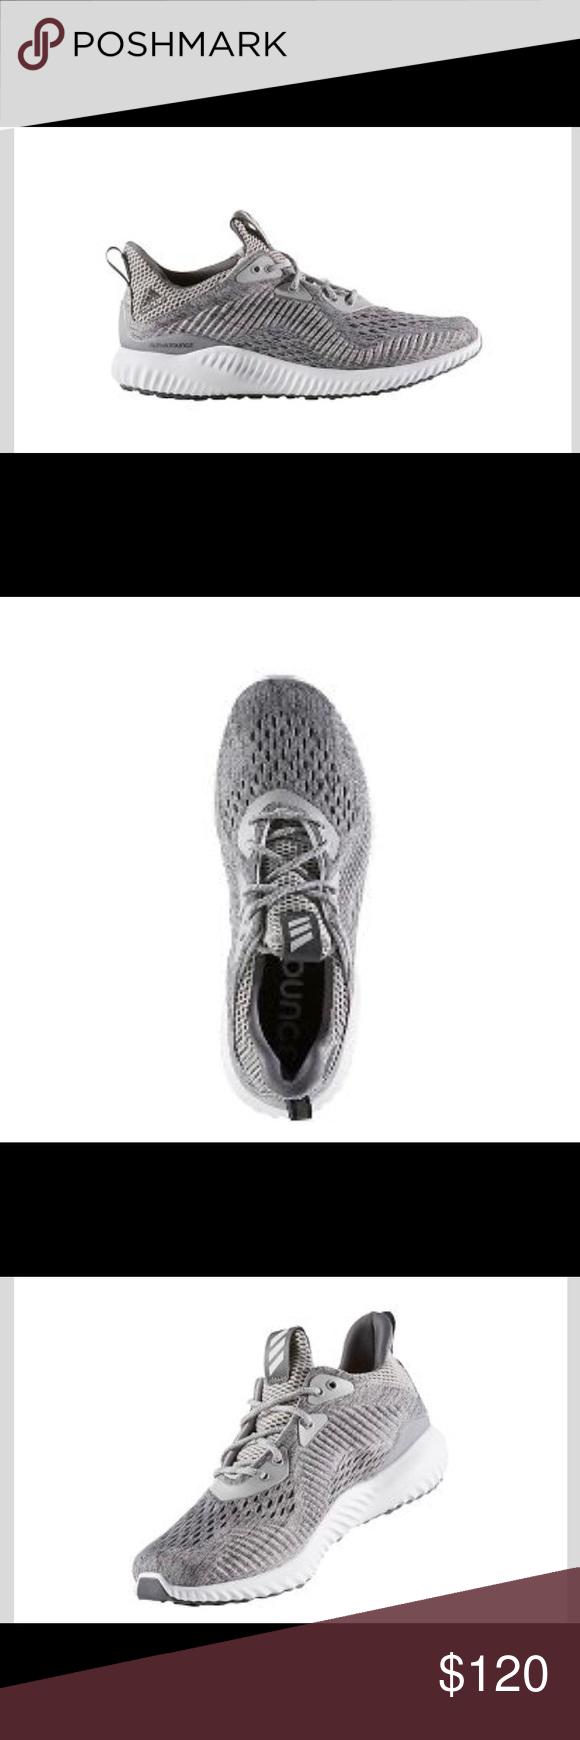 le donne adidas alphabounce em w adidas, scarpe da ginnastica e atletica